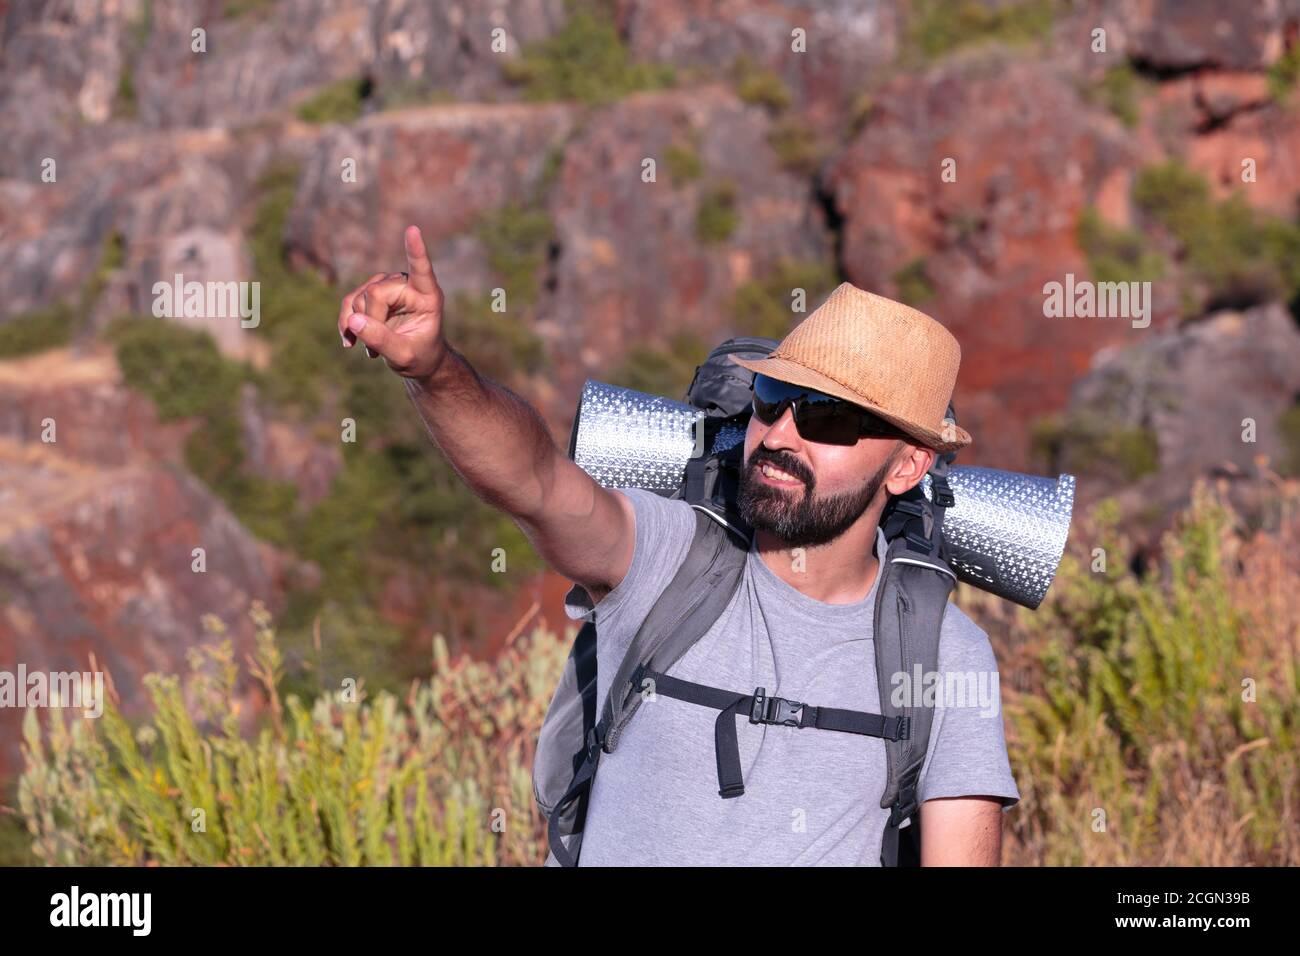 Hispanischer männlicher Trekker mit Sonnenbrille, die lächelt und zeigt Der Rahmen Stockfoto